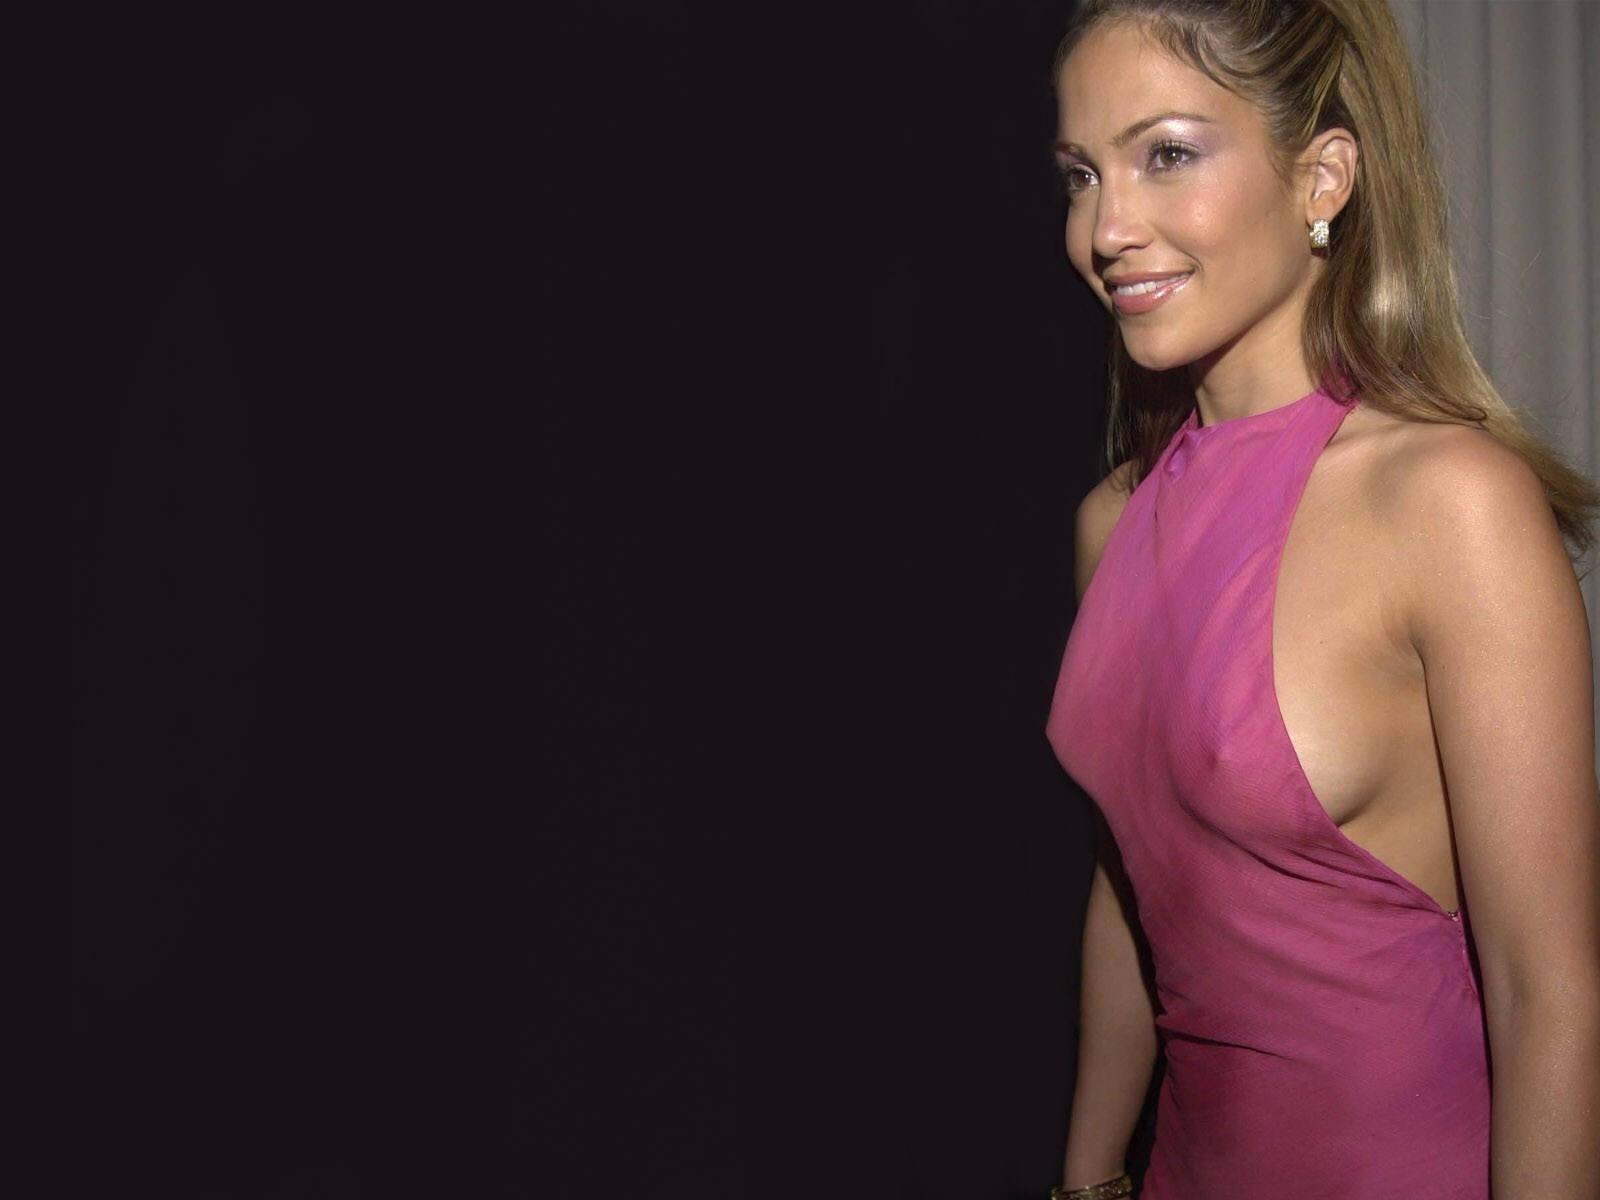 Wallpaper di Jennifer Lopez in abito fucsia